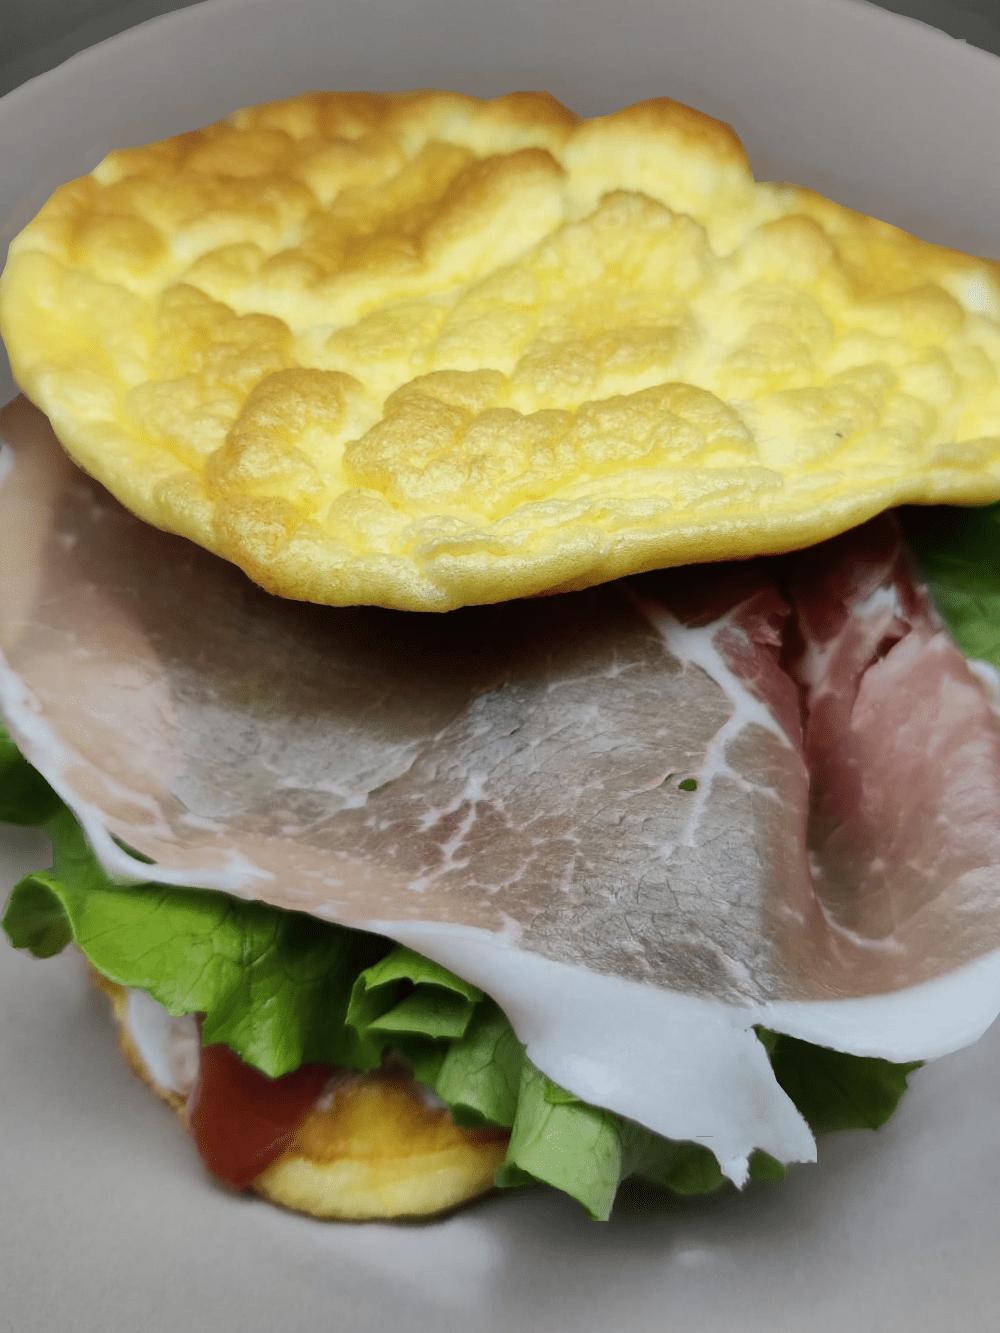 χάμπουργκερ_με_cloud bread_